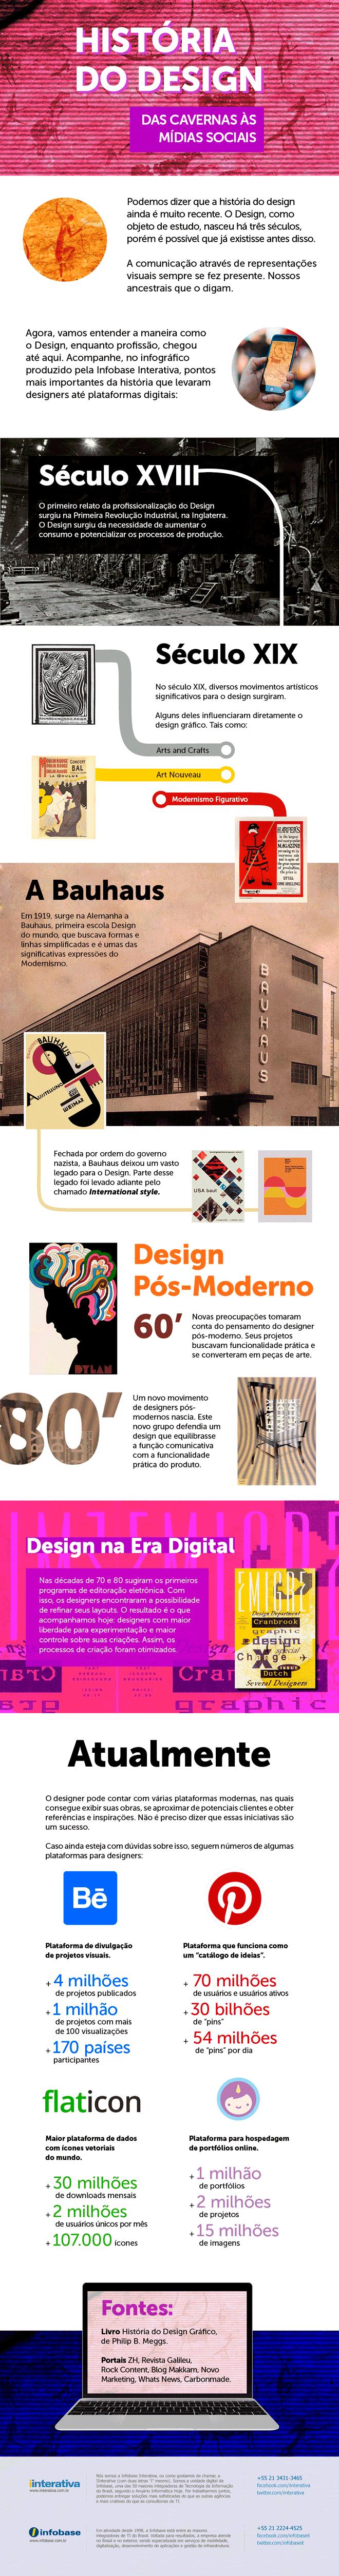 HISTORIA-DO-DESIGN-INFOGRAFICO1